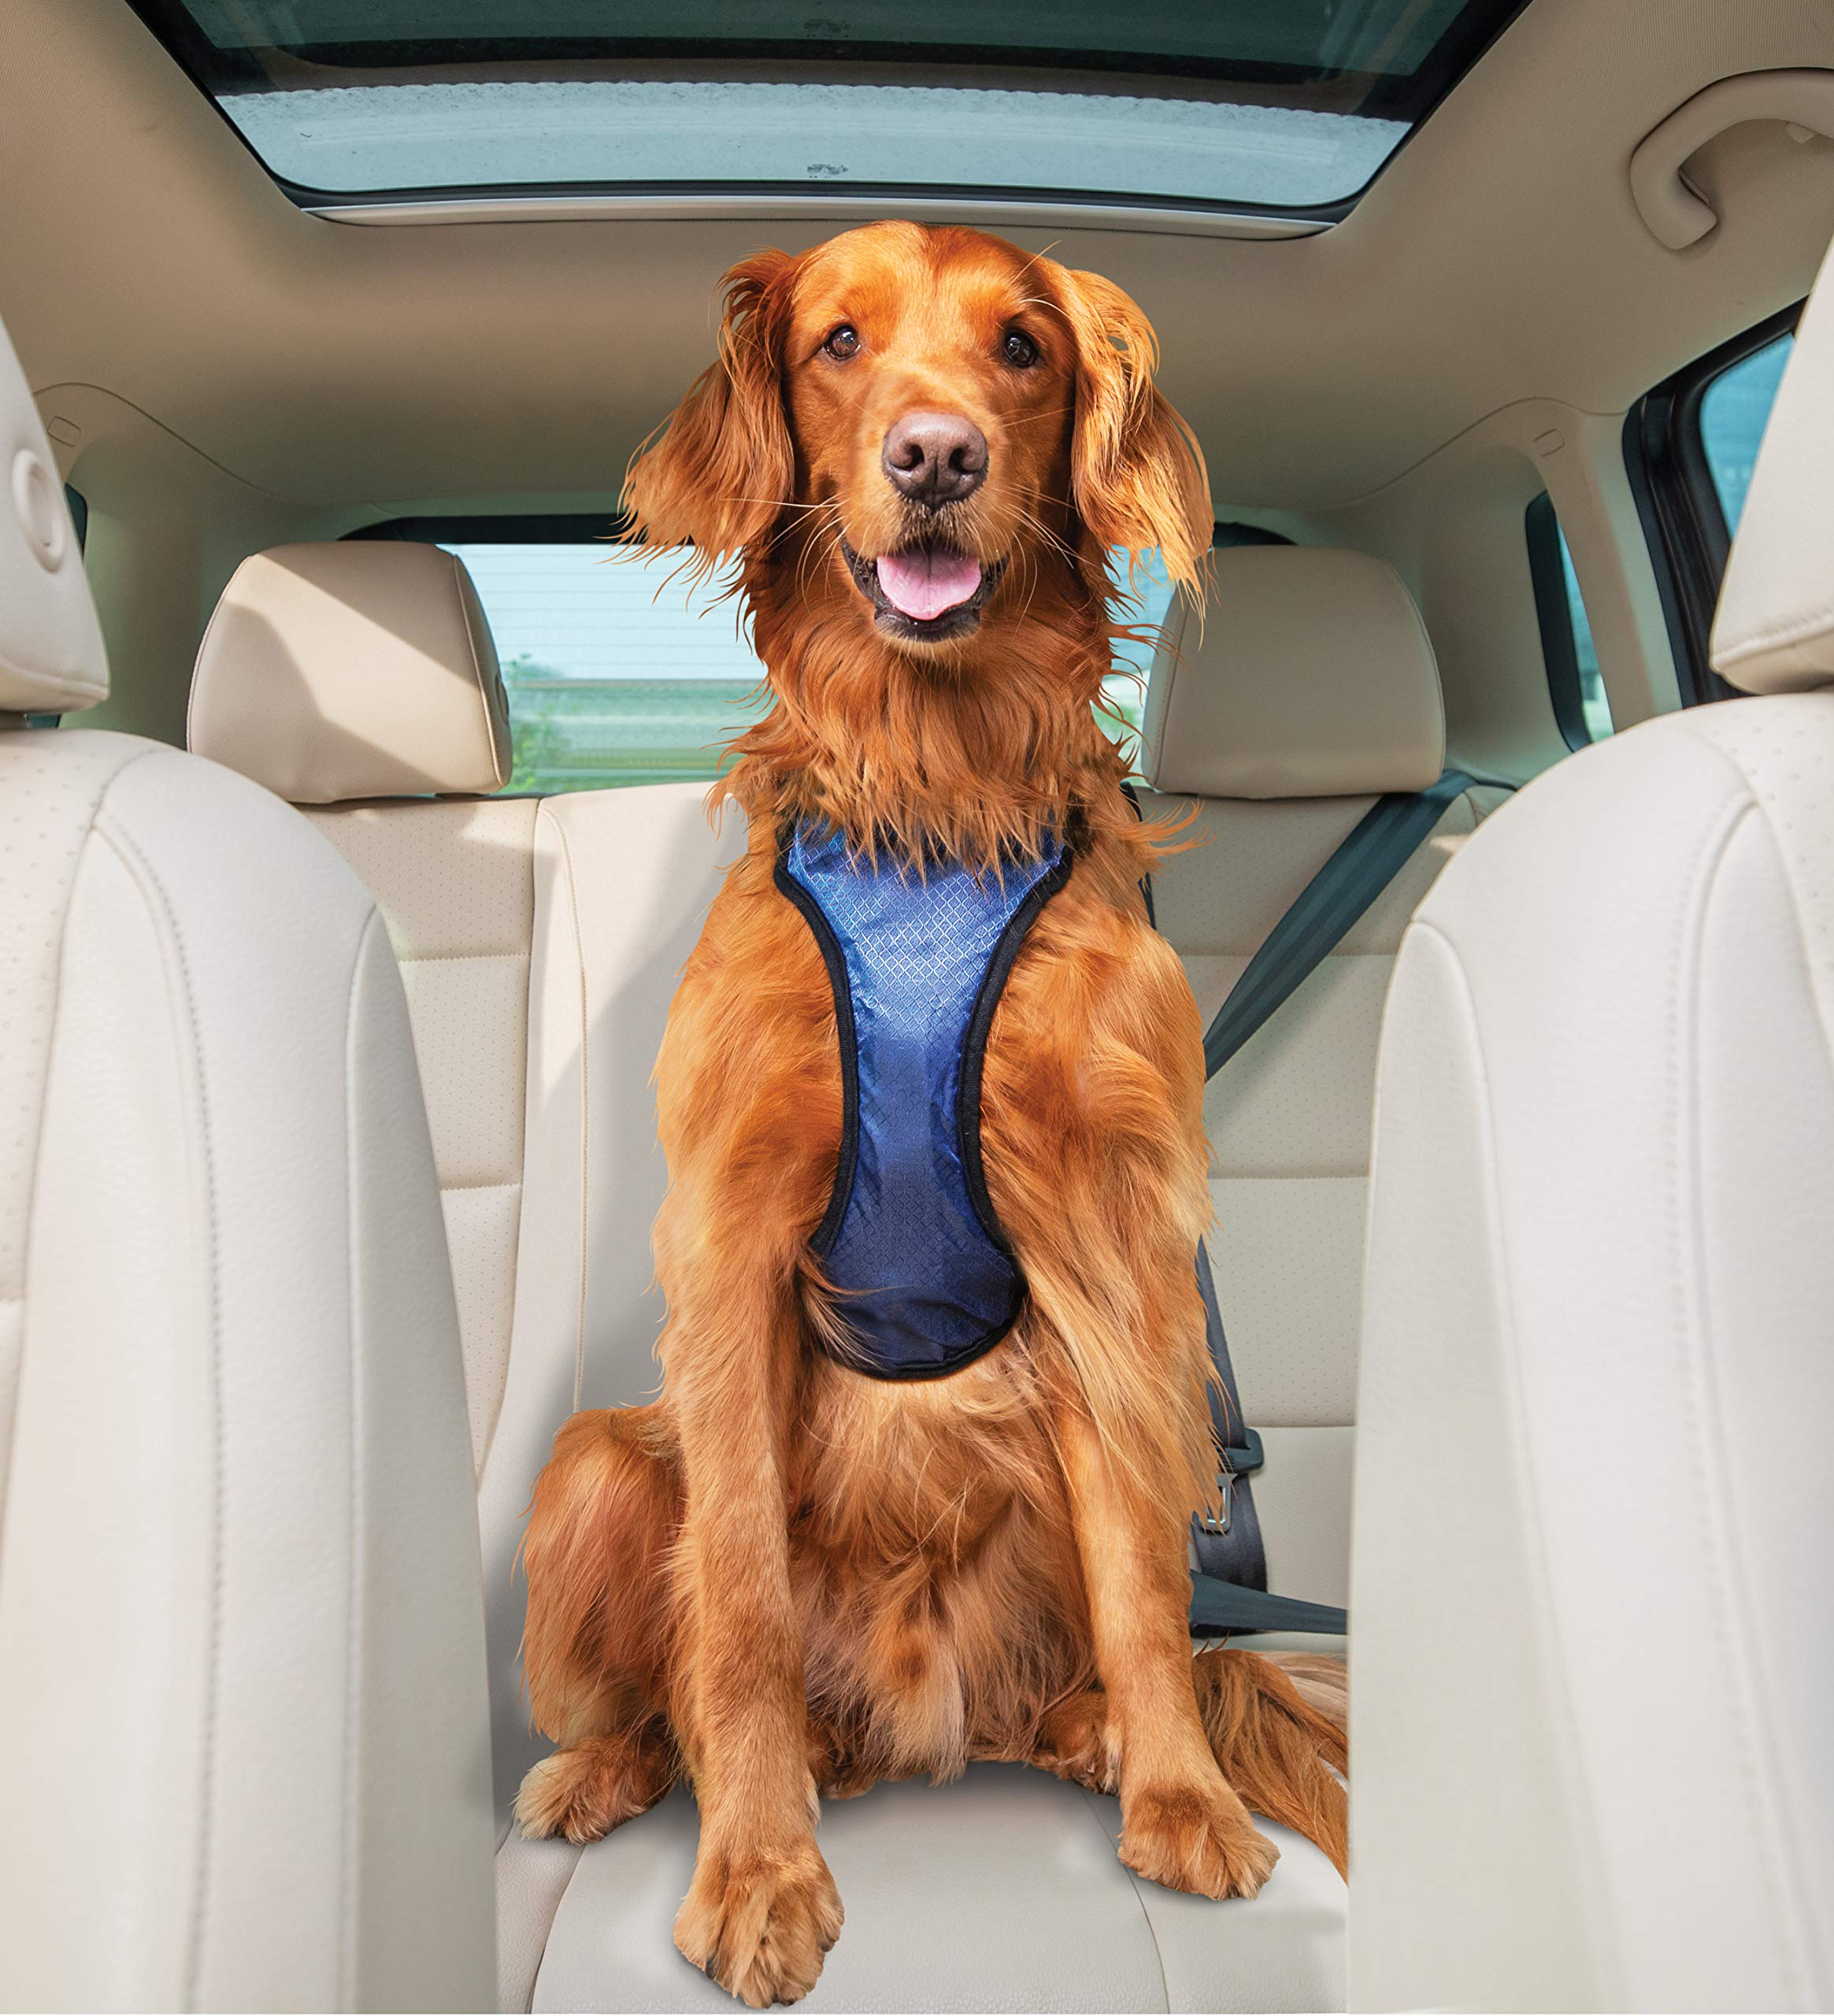 PetSafe Solvit Deluxe Car Safety Dog Harness, Adjustable Crash-Tested Dog Harness, Car Safety Seat Belt Tether Included